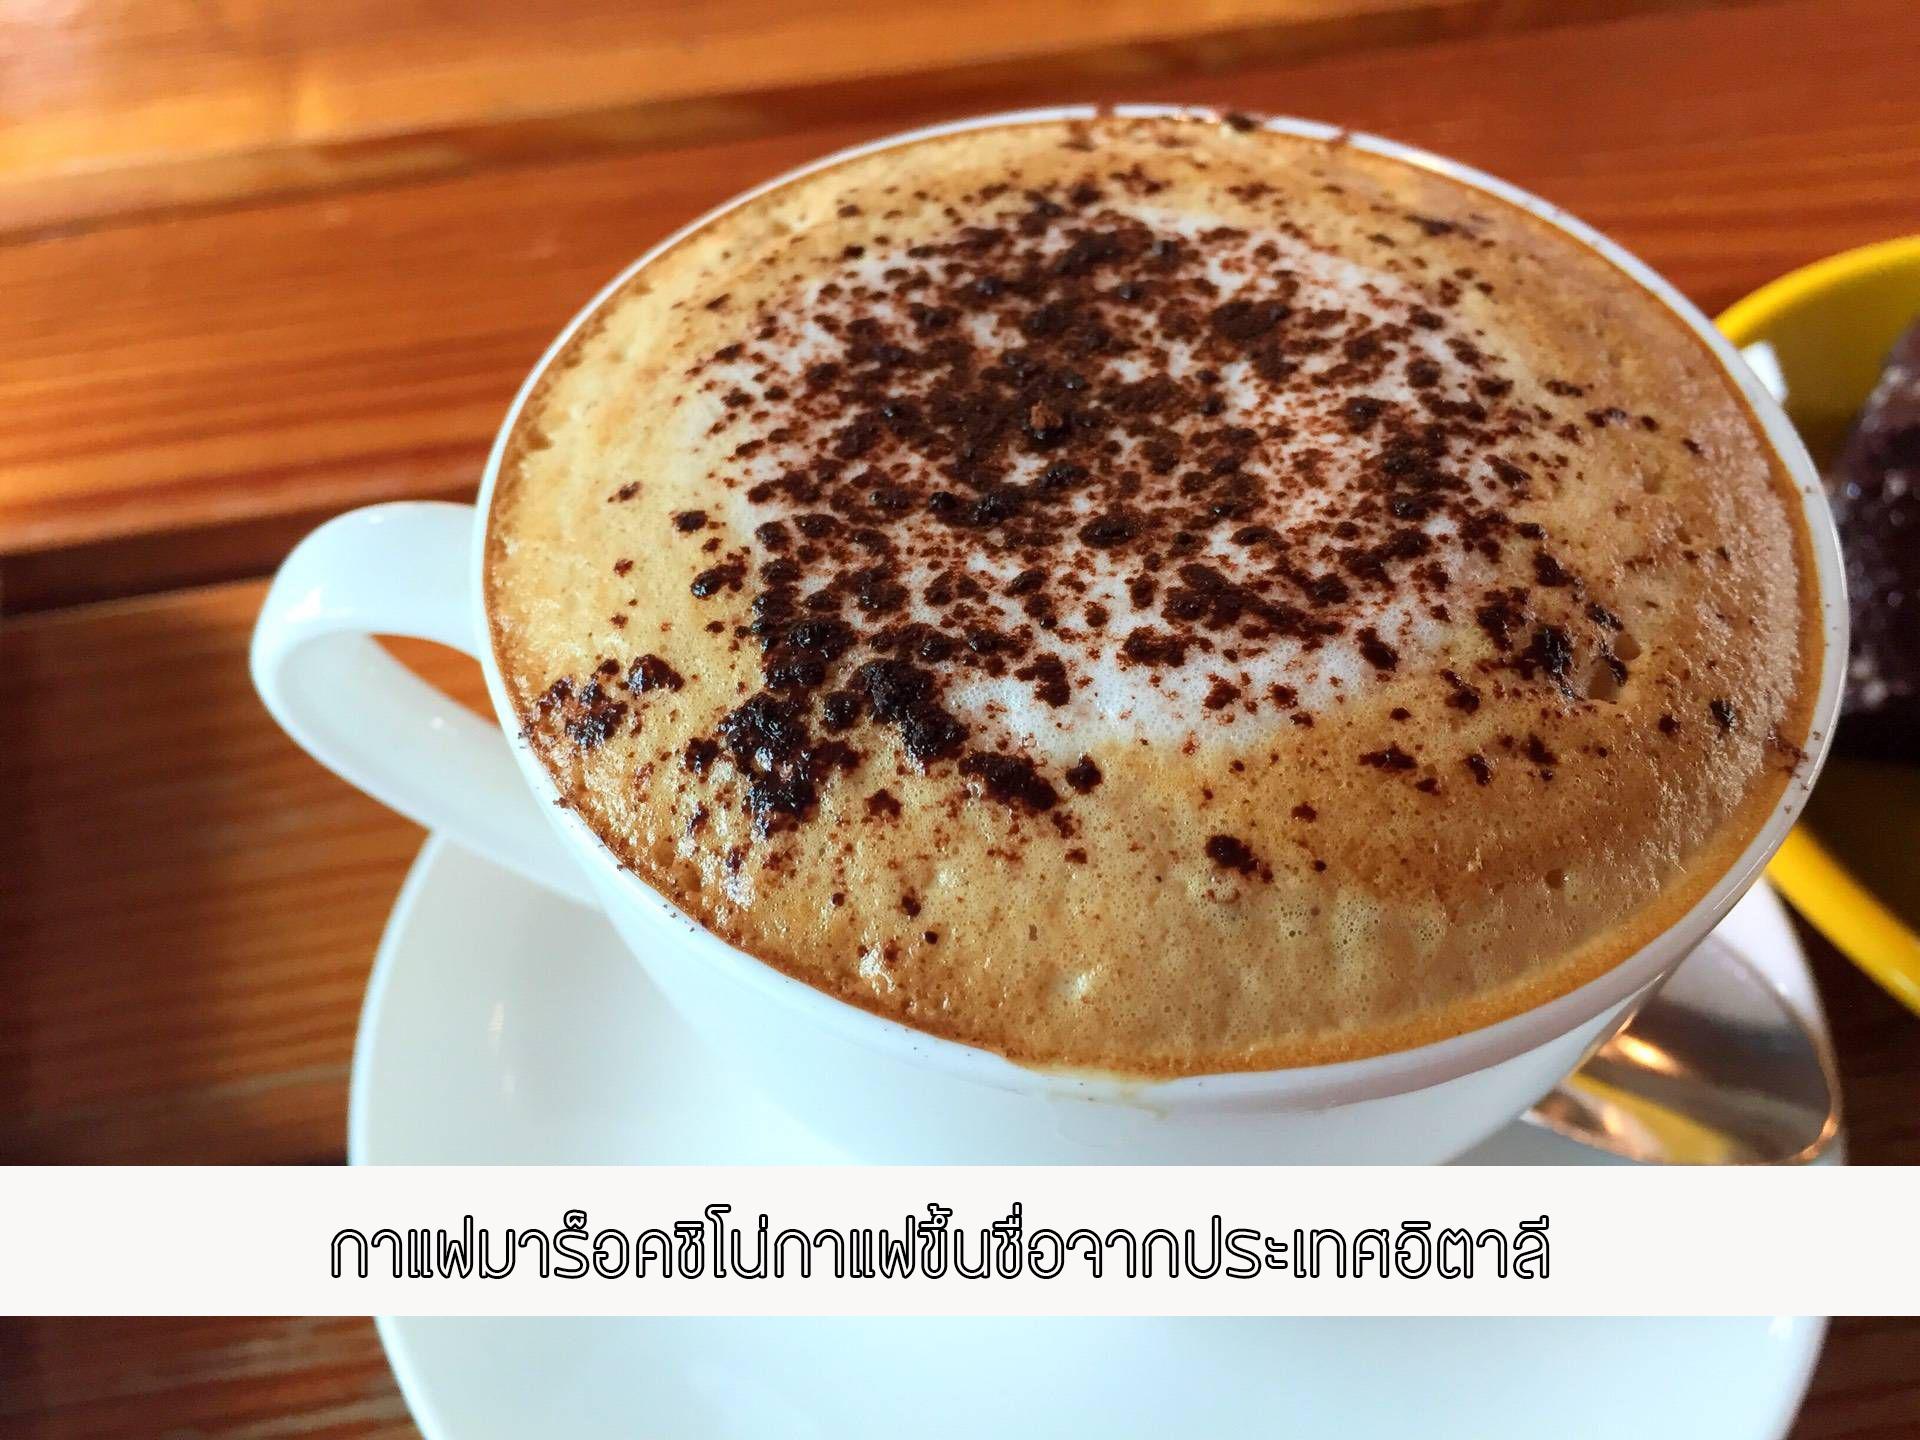 กาแฟมาร็อคชิโน่กาแฟขึ้นชื่อจากประเทศอิตาลี